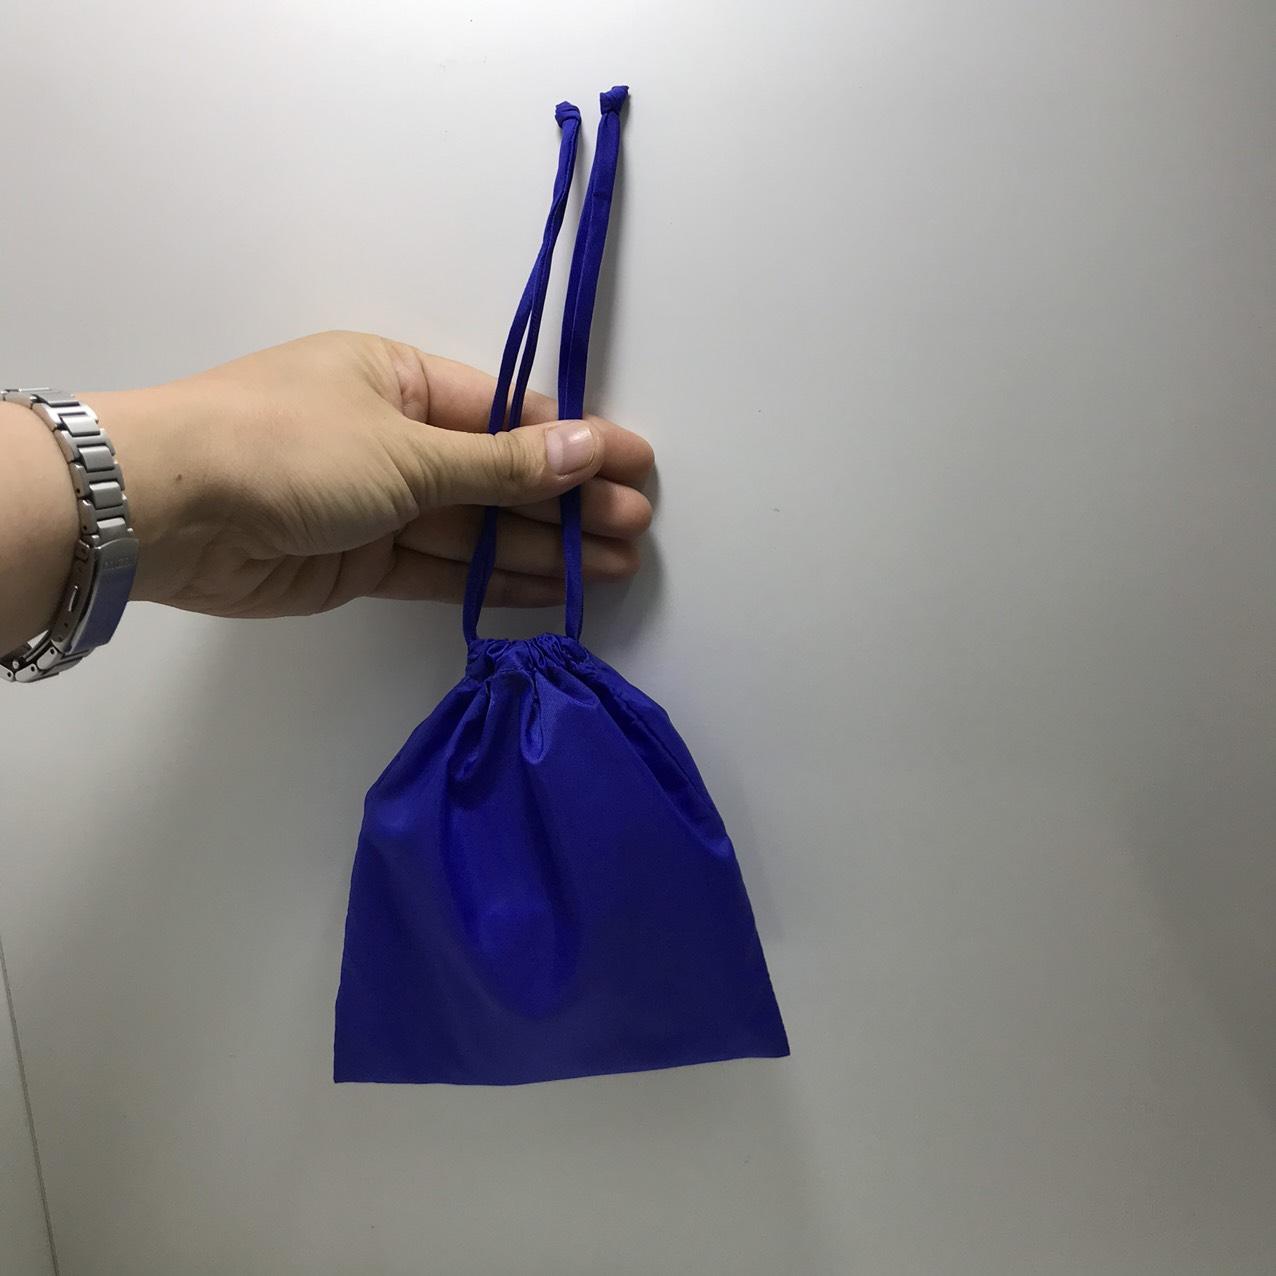 Túi dây rút đựng thuốc mĩ phẩm tiện lợi nhỏ gọn kín đáo YME_YTR